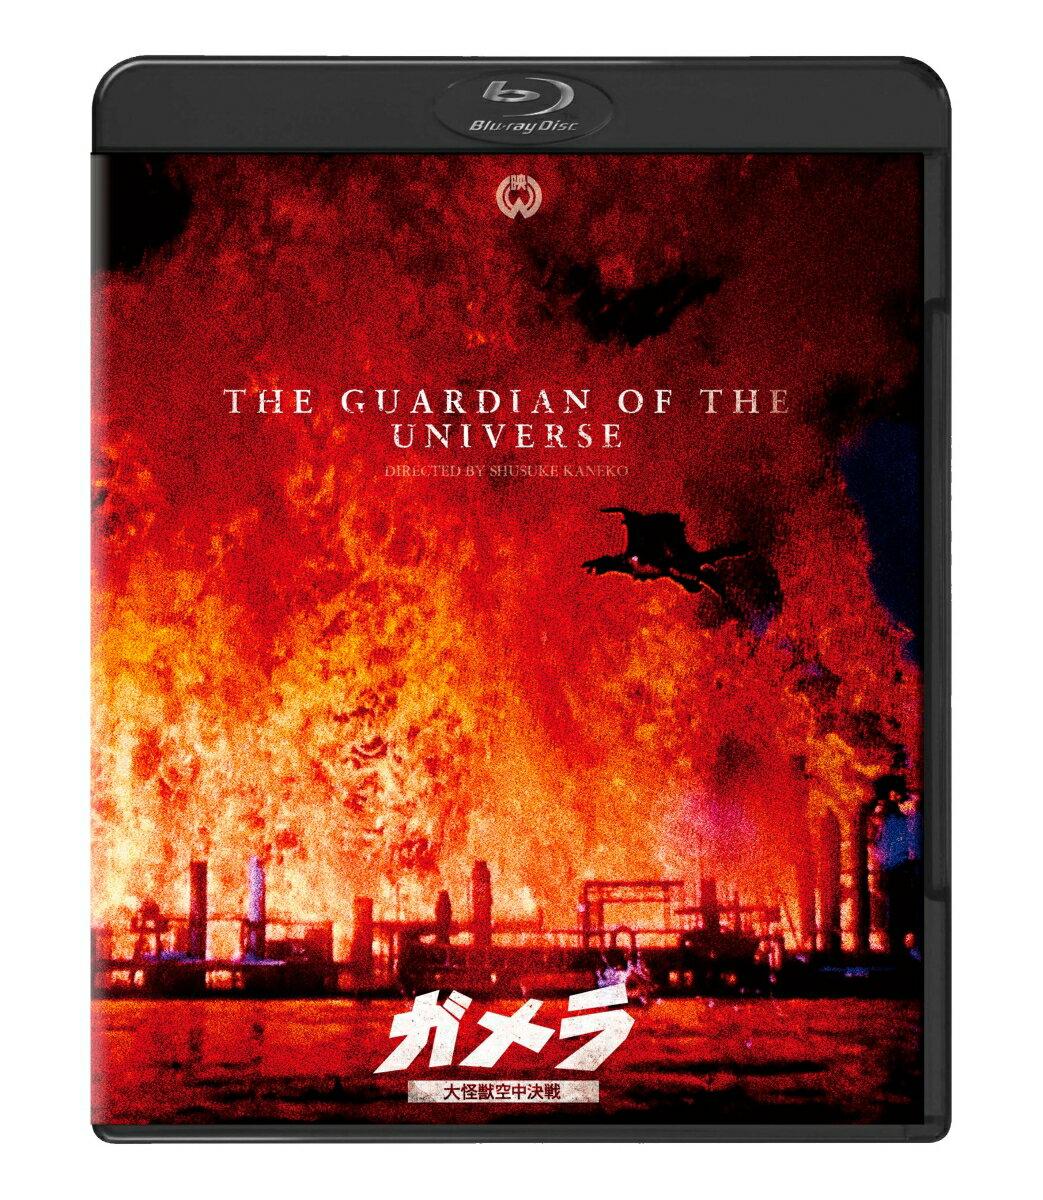 『ガメラ 大怪獣空中決戦』 4Kデジタル復元版Blu-ray【Blu-ray】